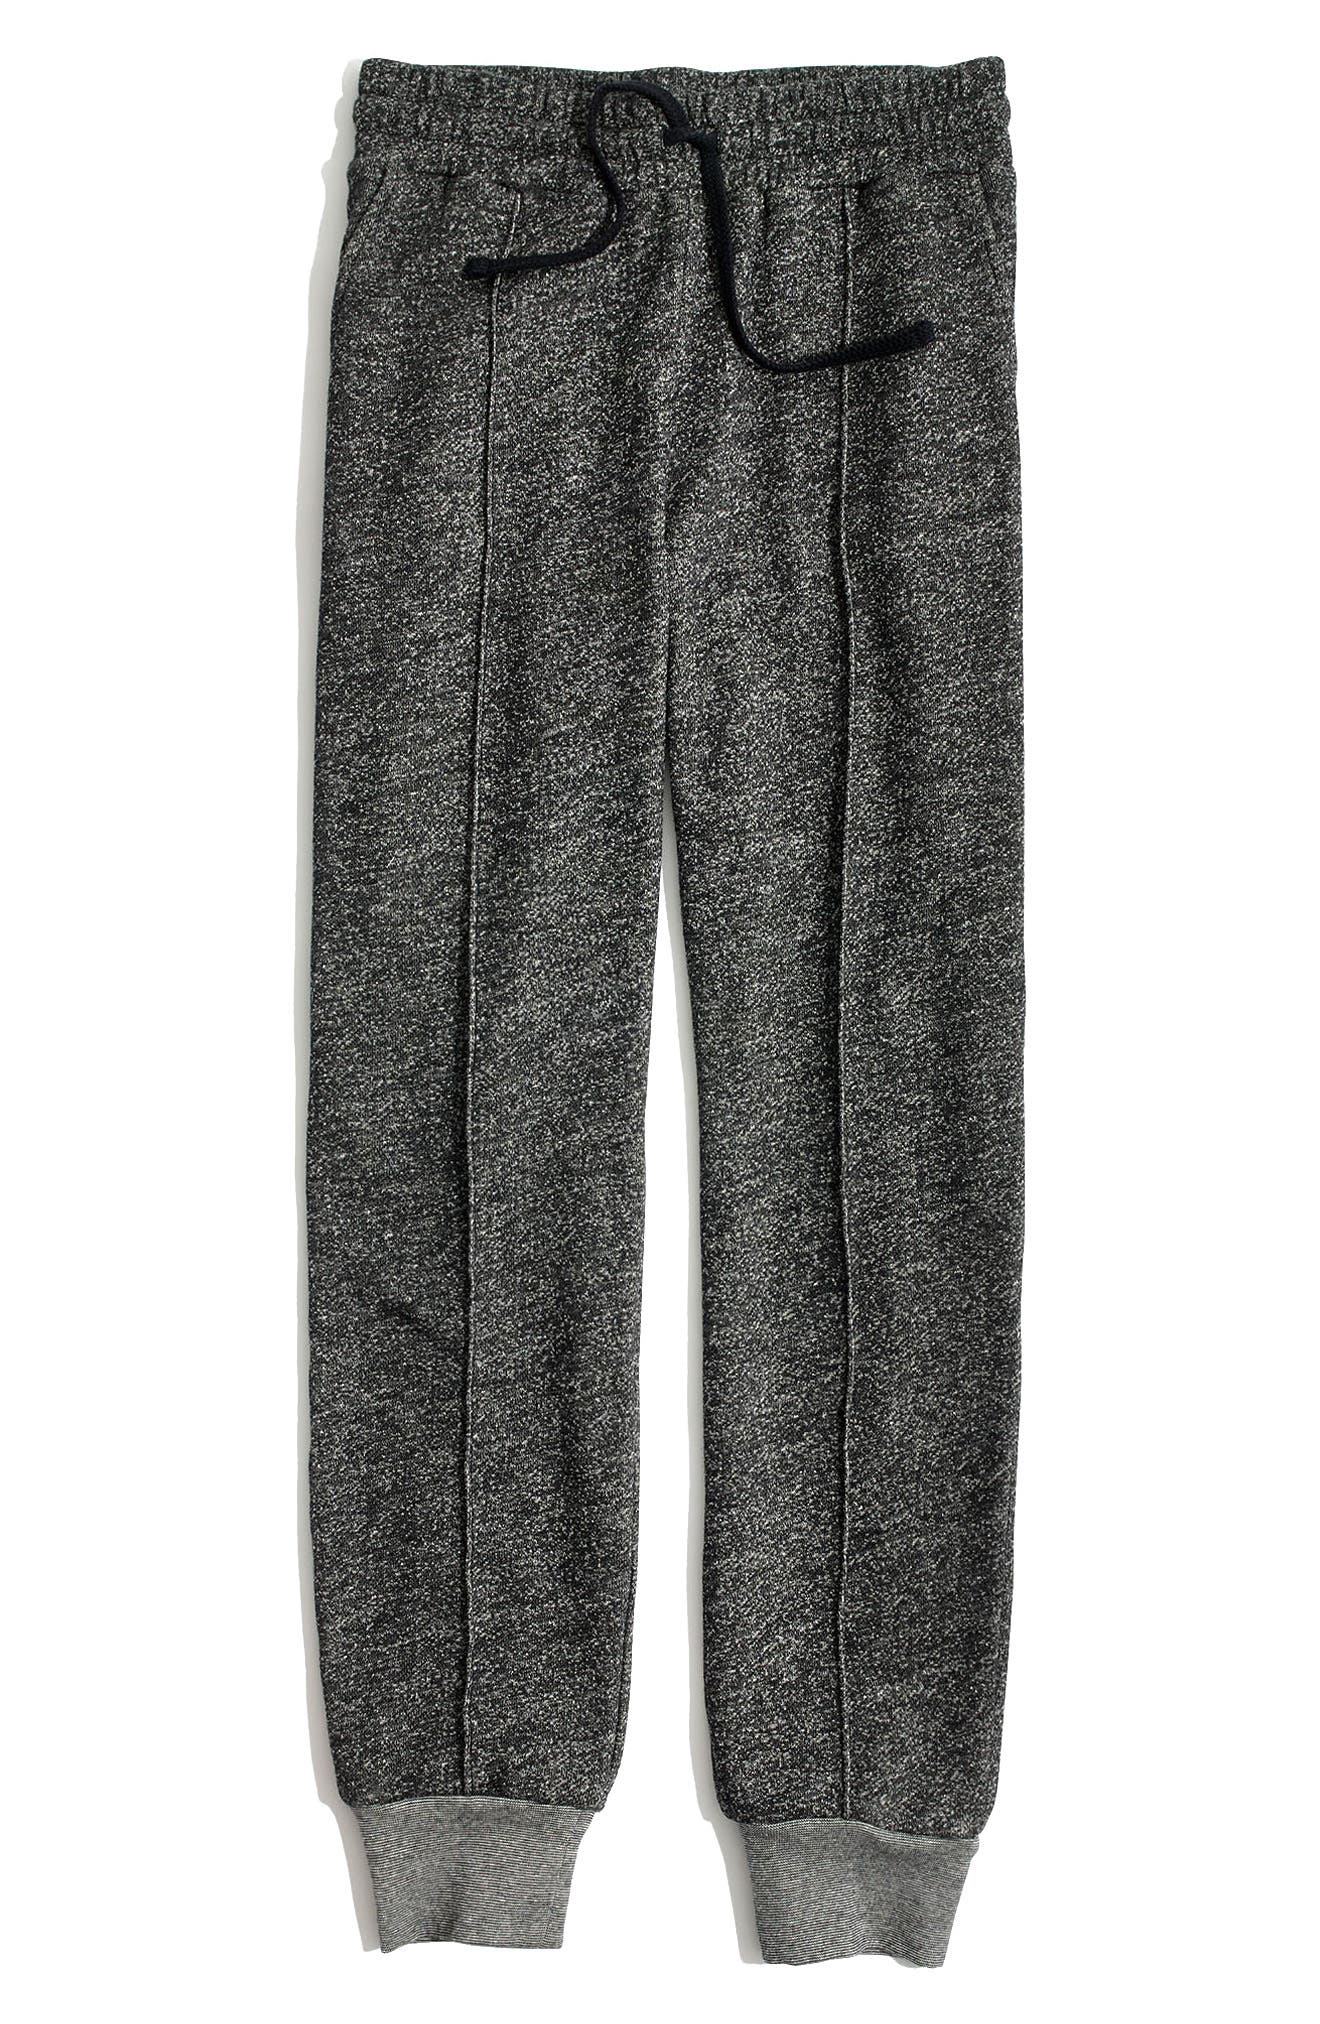 Pintuck Slim Fit Sweatpants,                         Main,                         color, 300